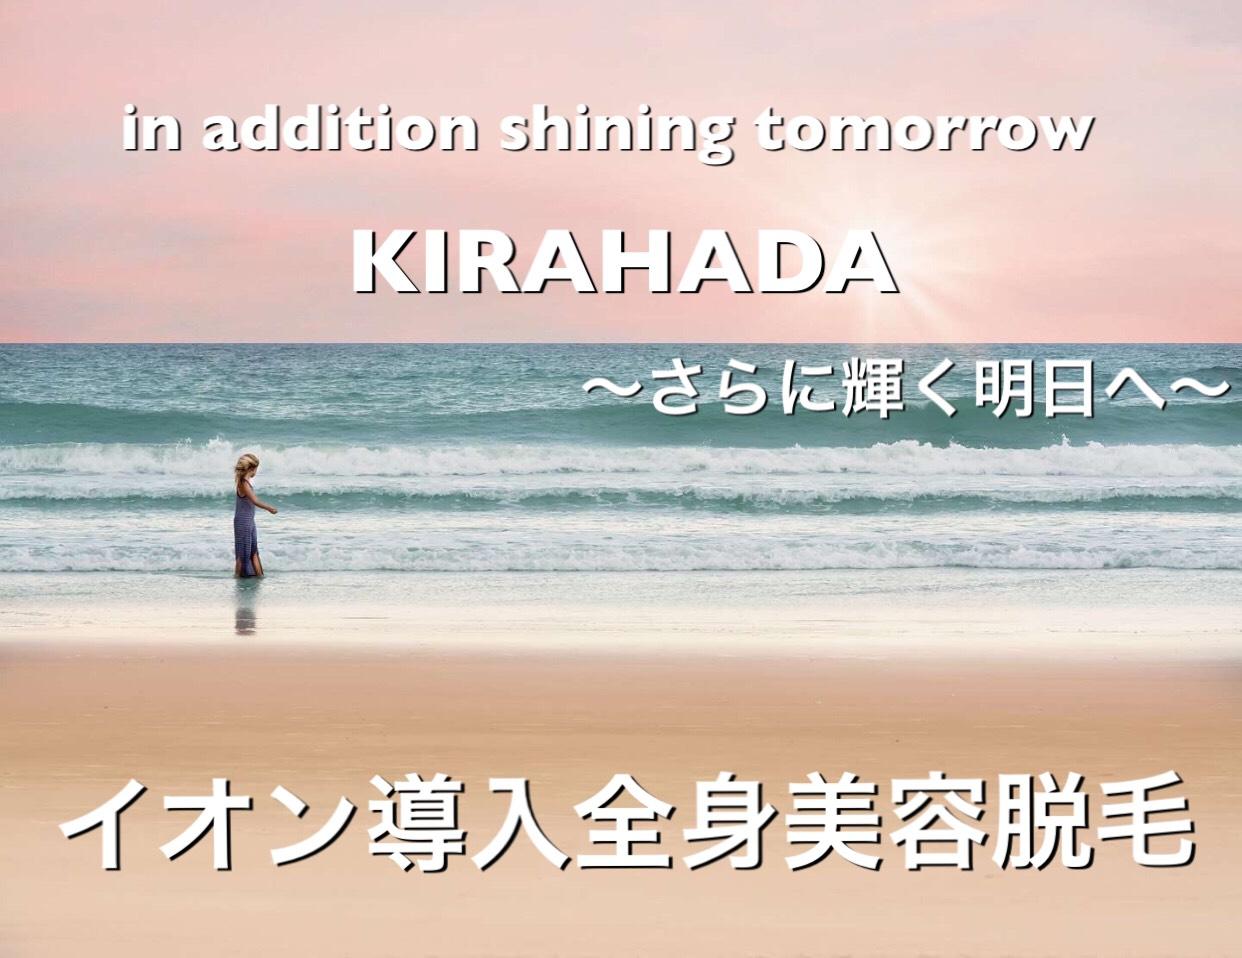 松江のキラ肌で更に輝く明日へ。